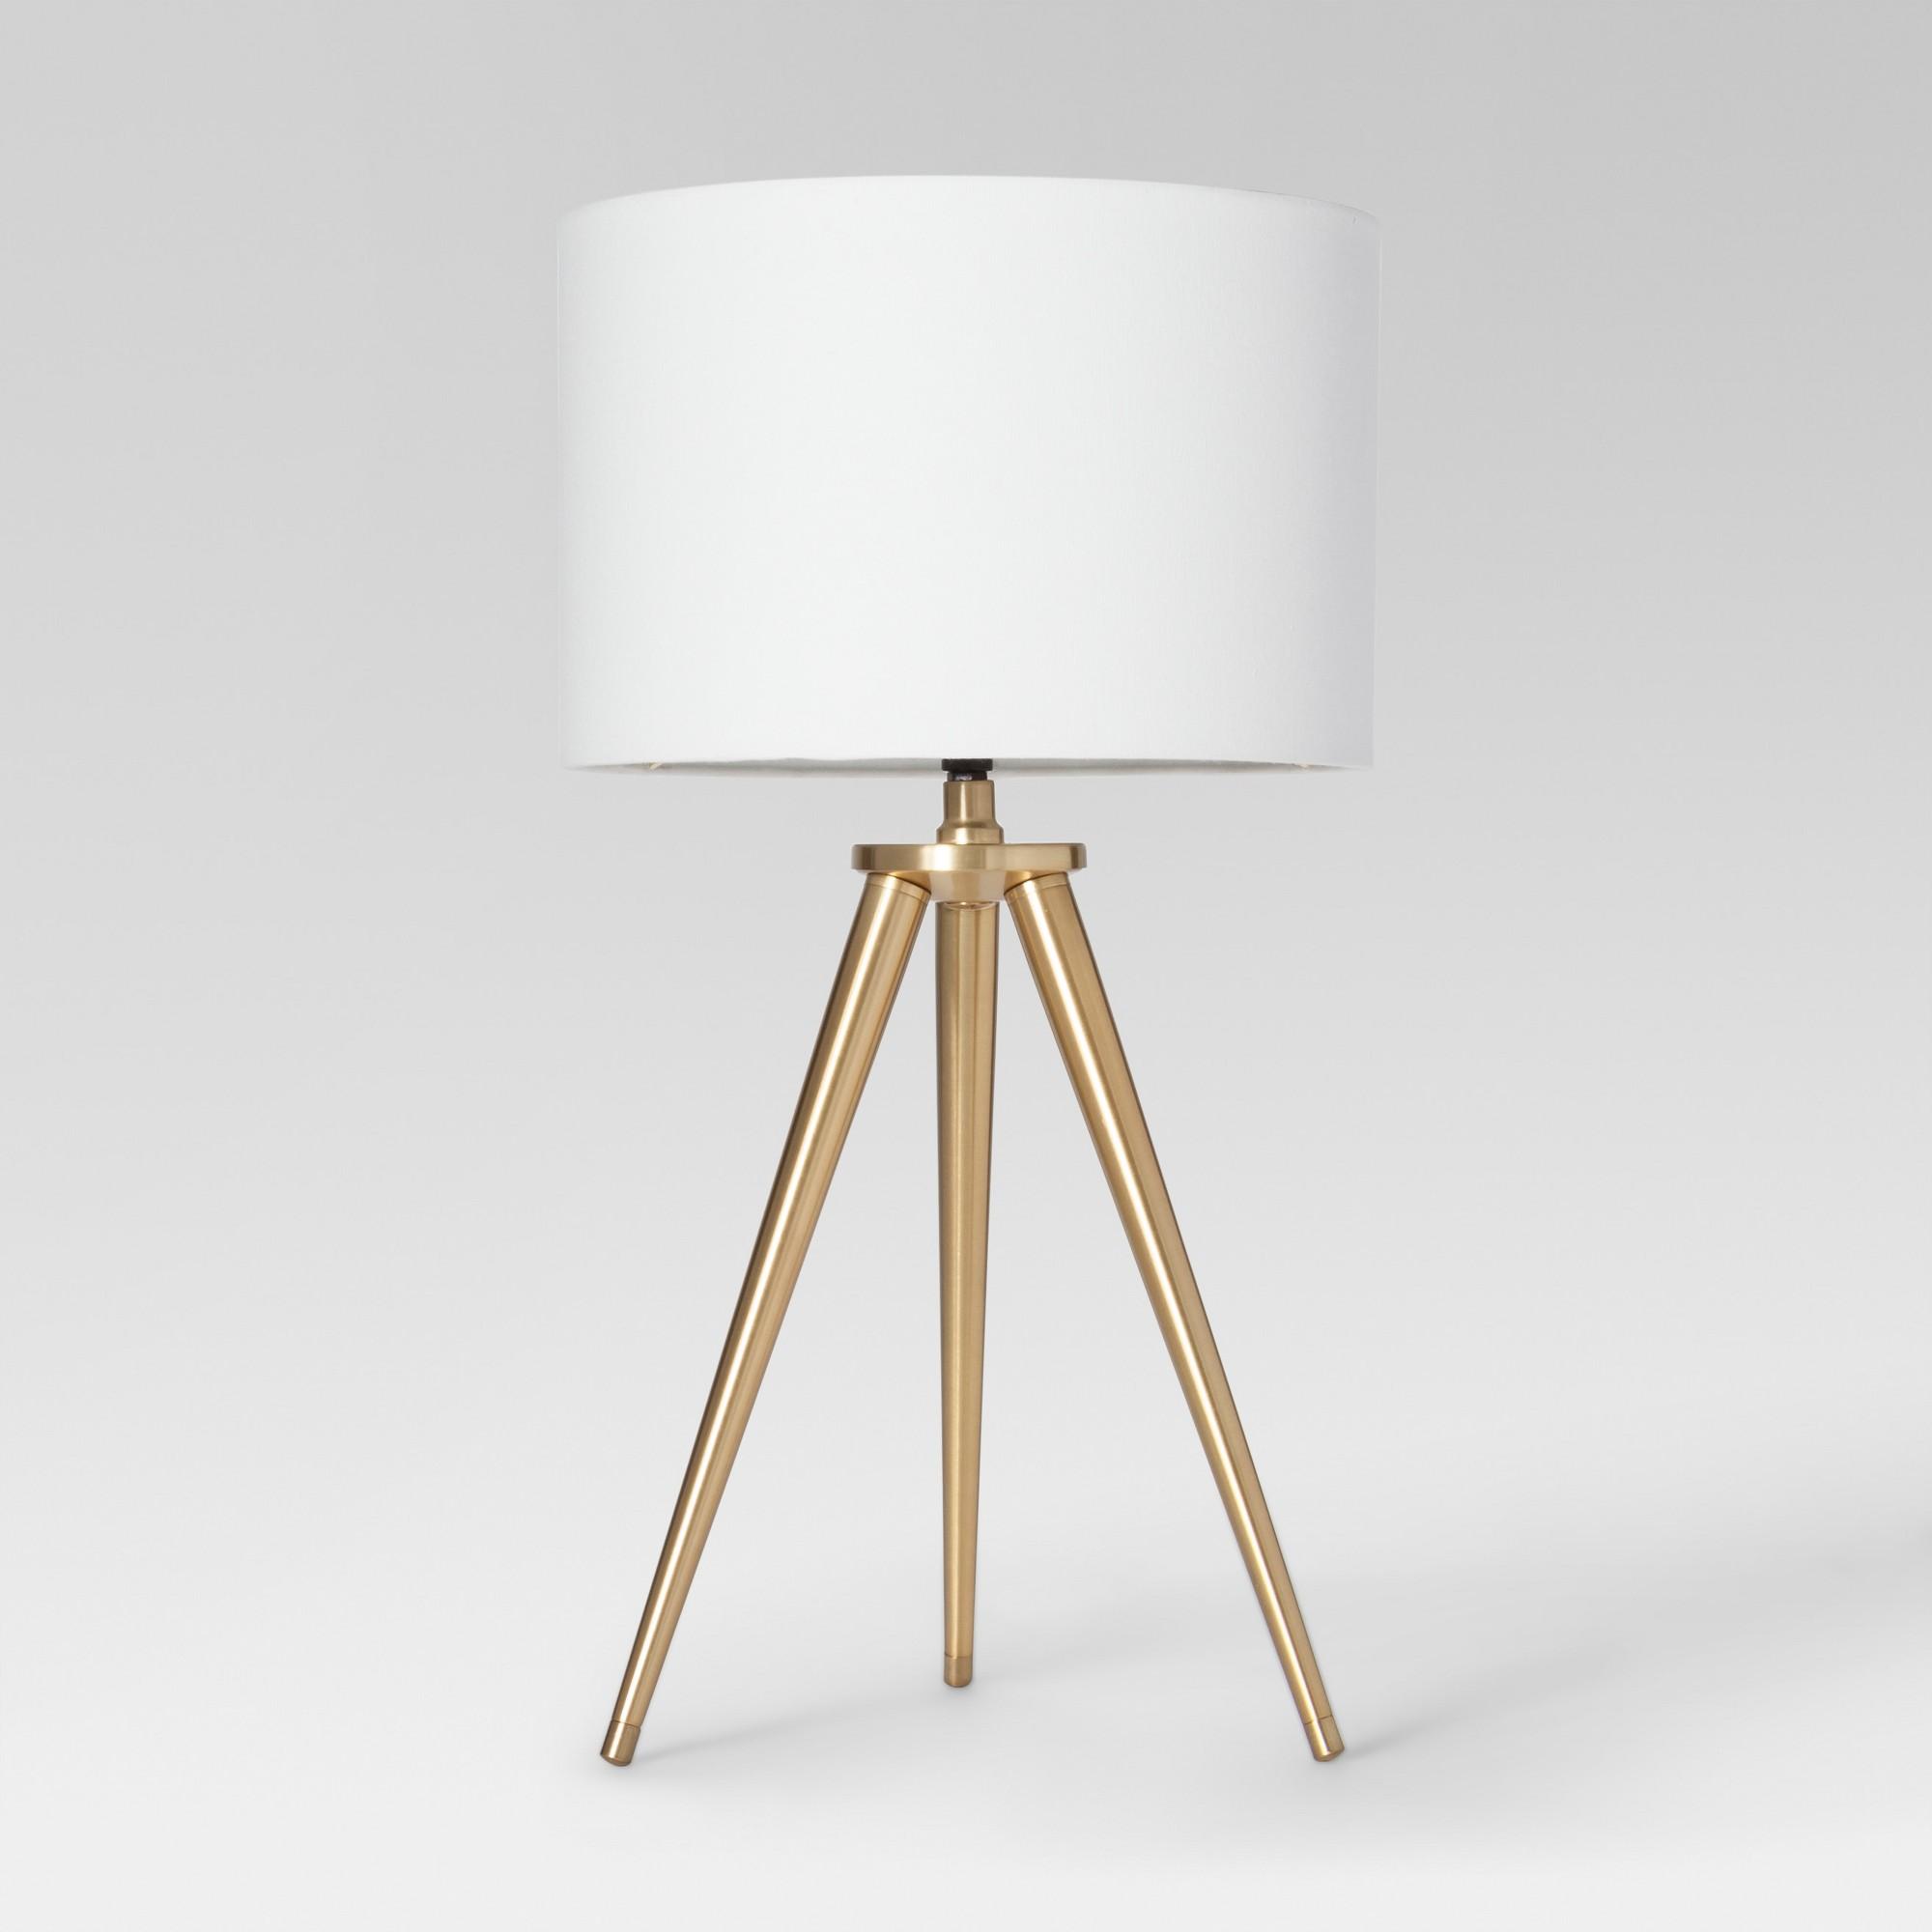 Delavan Tripod Table Lamp Brass Project 62 In 2020 Tripod Table Lamp Brass Lamp Tripod Table